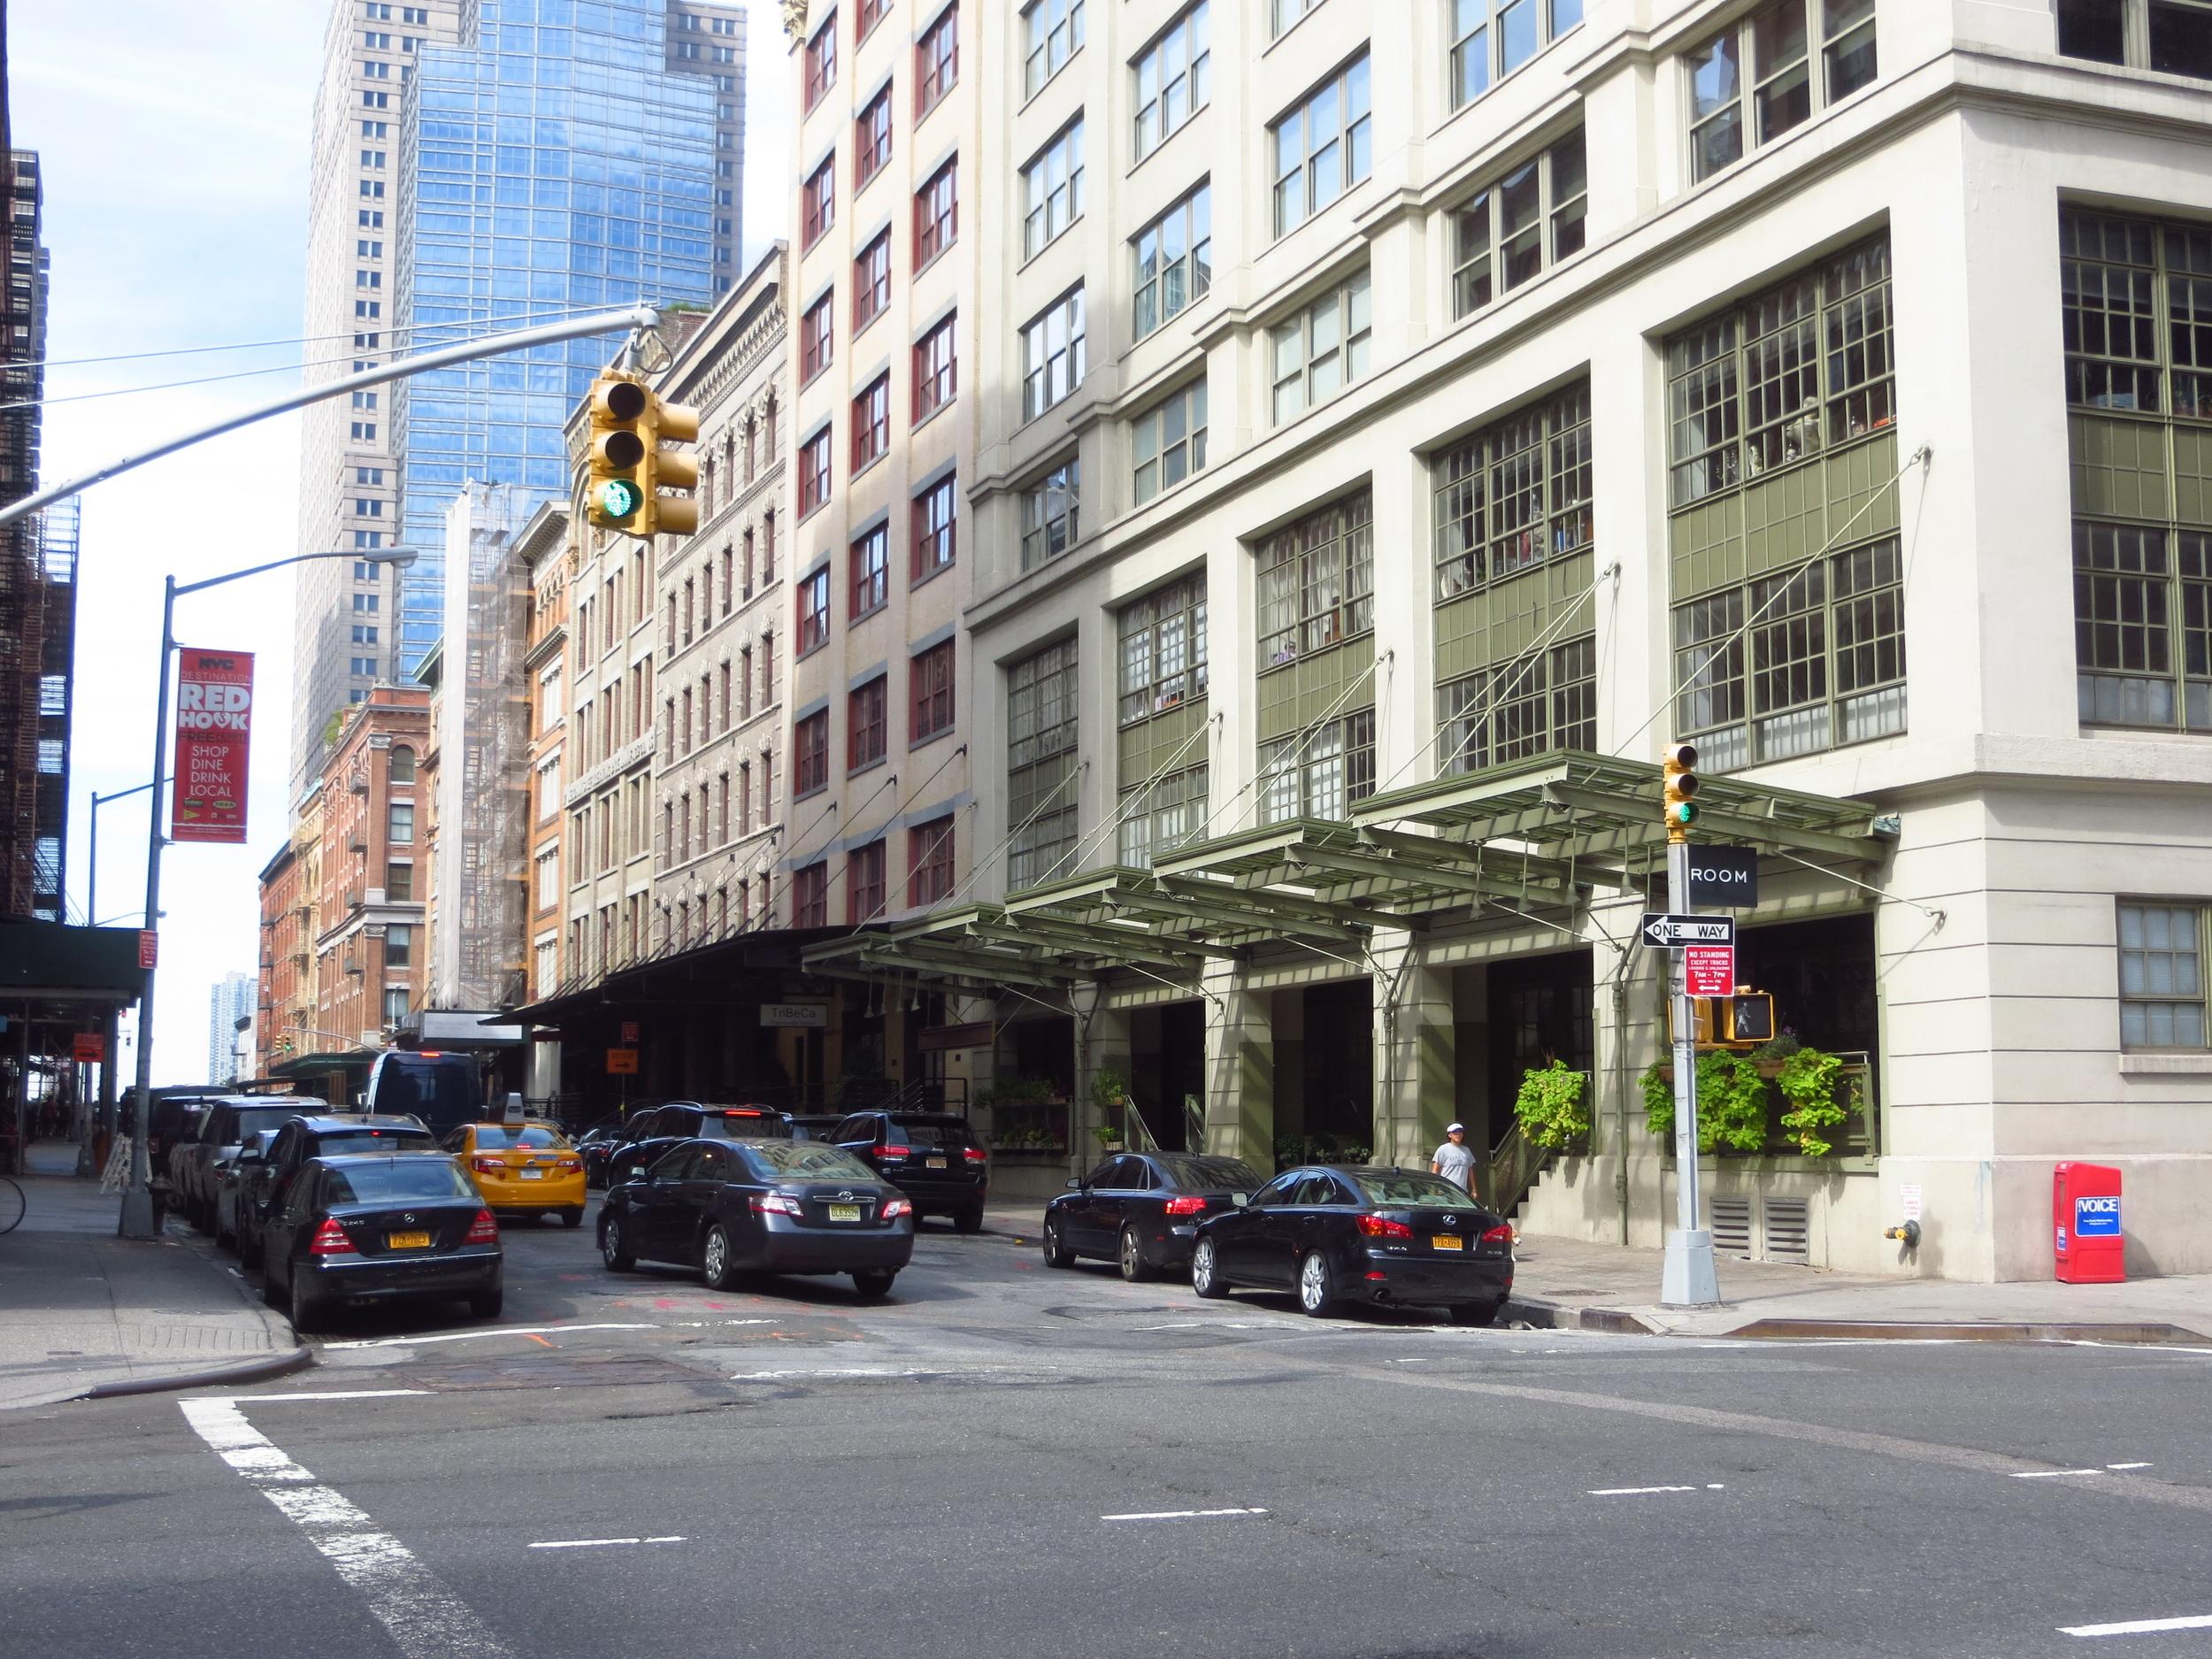 More N. Moore St. buildings